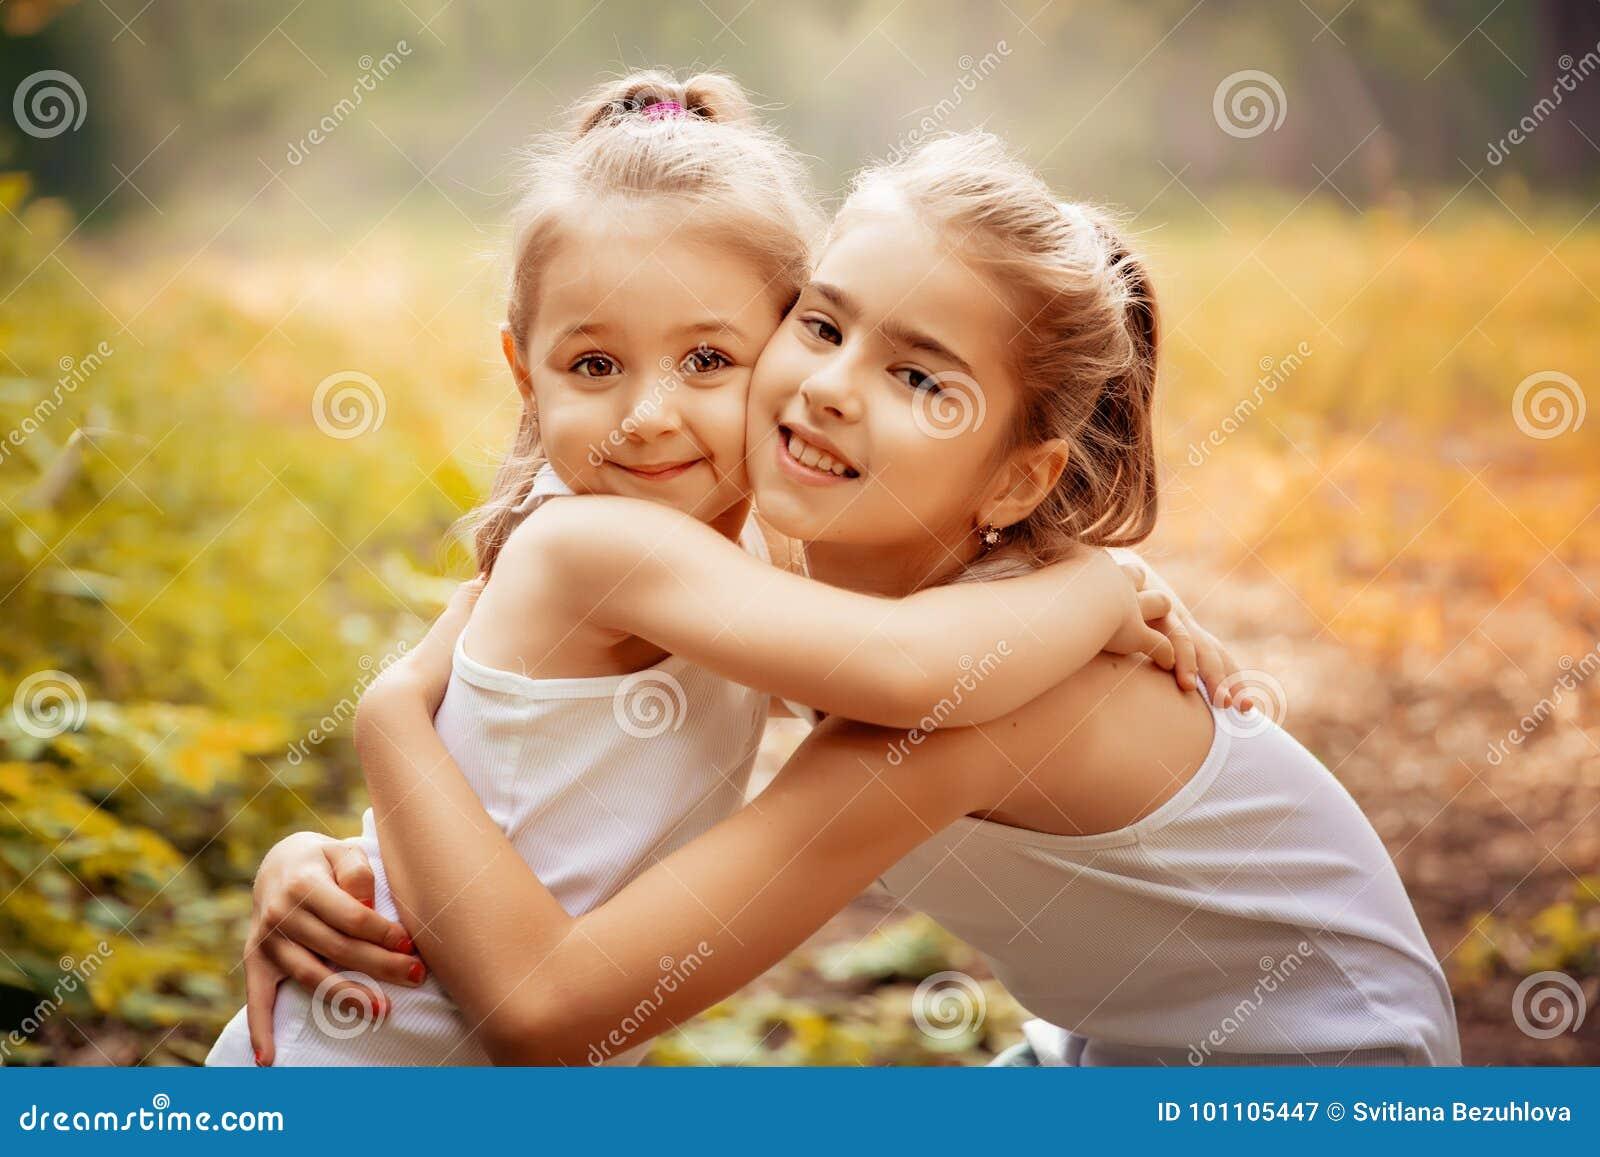 Kindheit, Familie, Freundschaft und Leutekonzept - zwei glückliche Kinderschwestern, die draußen umarmen